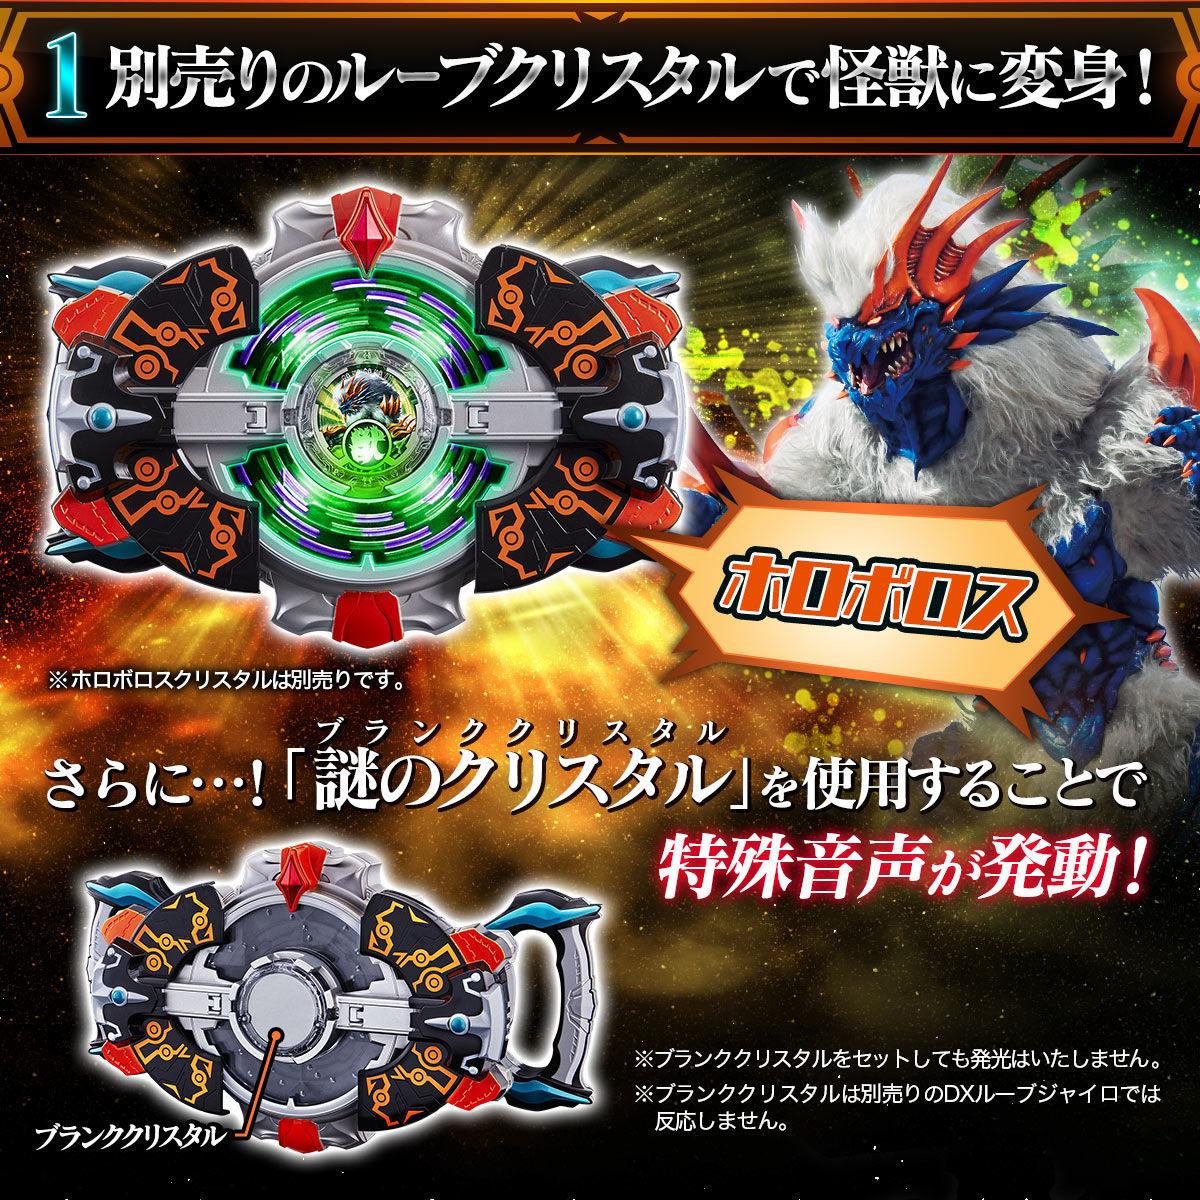 ウルトラマンR/B『DXルーブジャイロ ―美剣サキ仕様―』変身なりきり-003